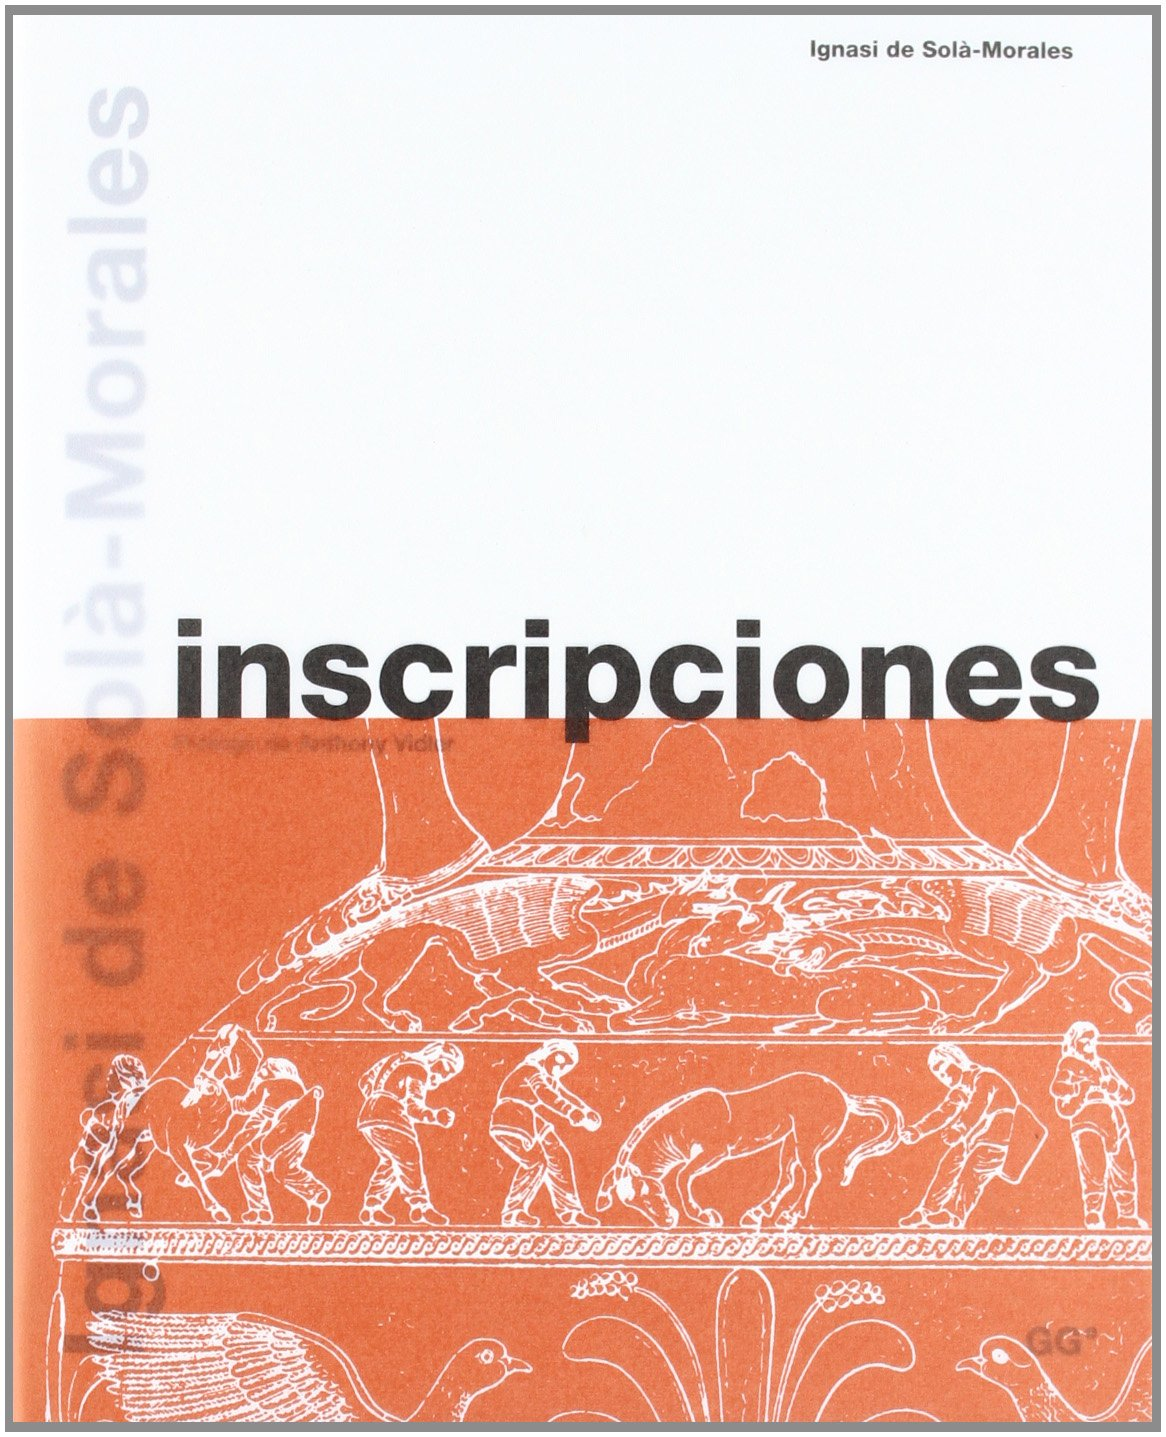 Inscripciones (Biblioteca Ignasi de Solà-Morales): Amazon.es: Ignasi de Sola-morales, Anthony Vidler: Libros